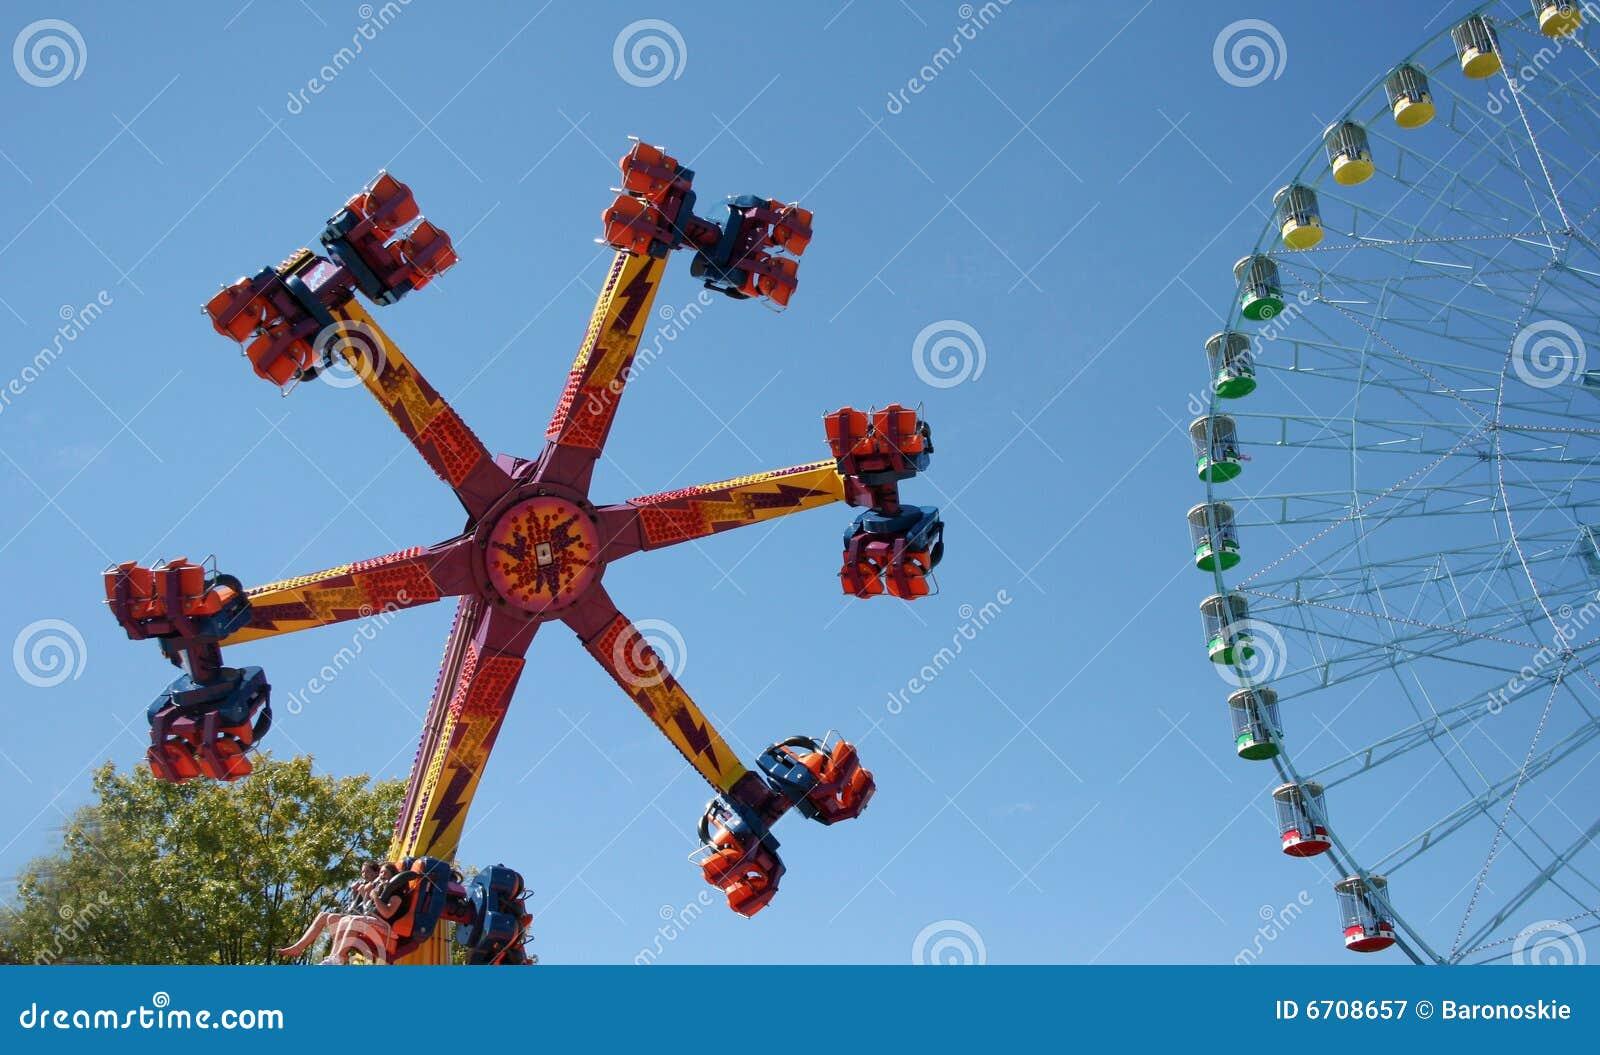 Paseo del carnaval